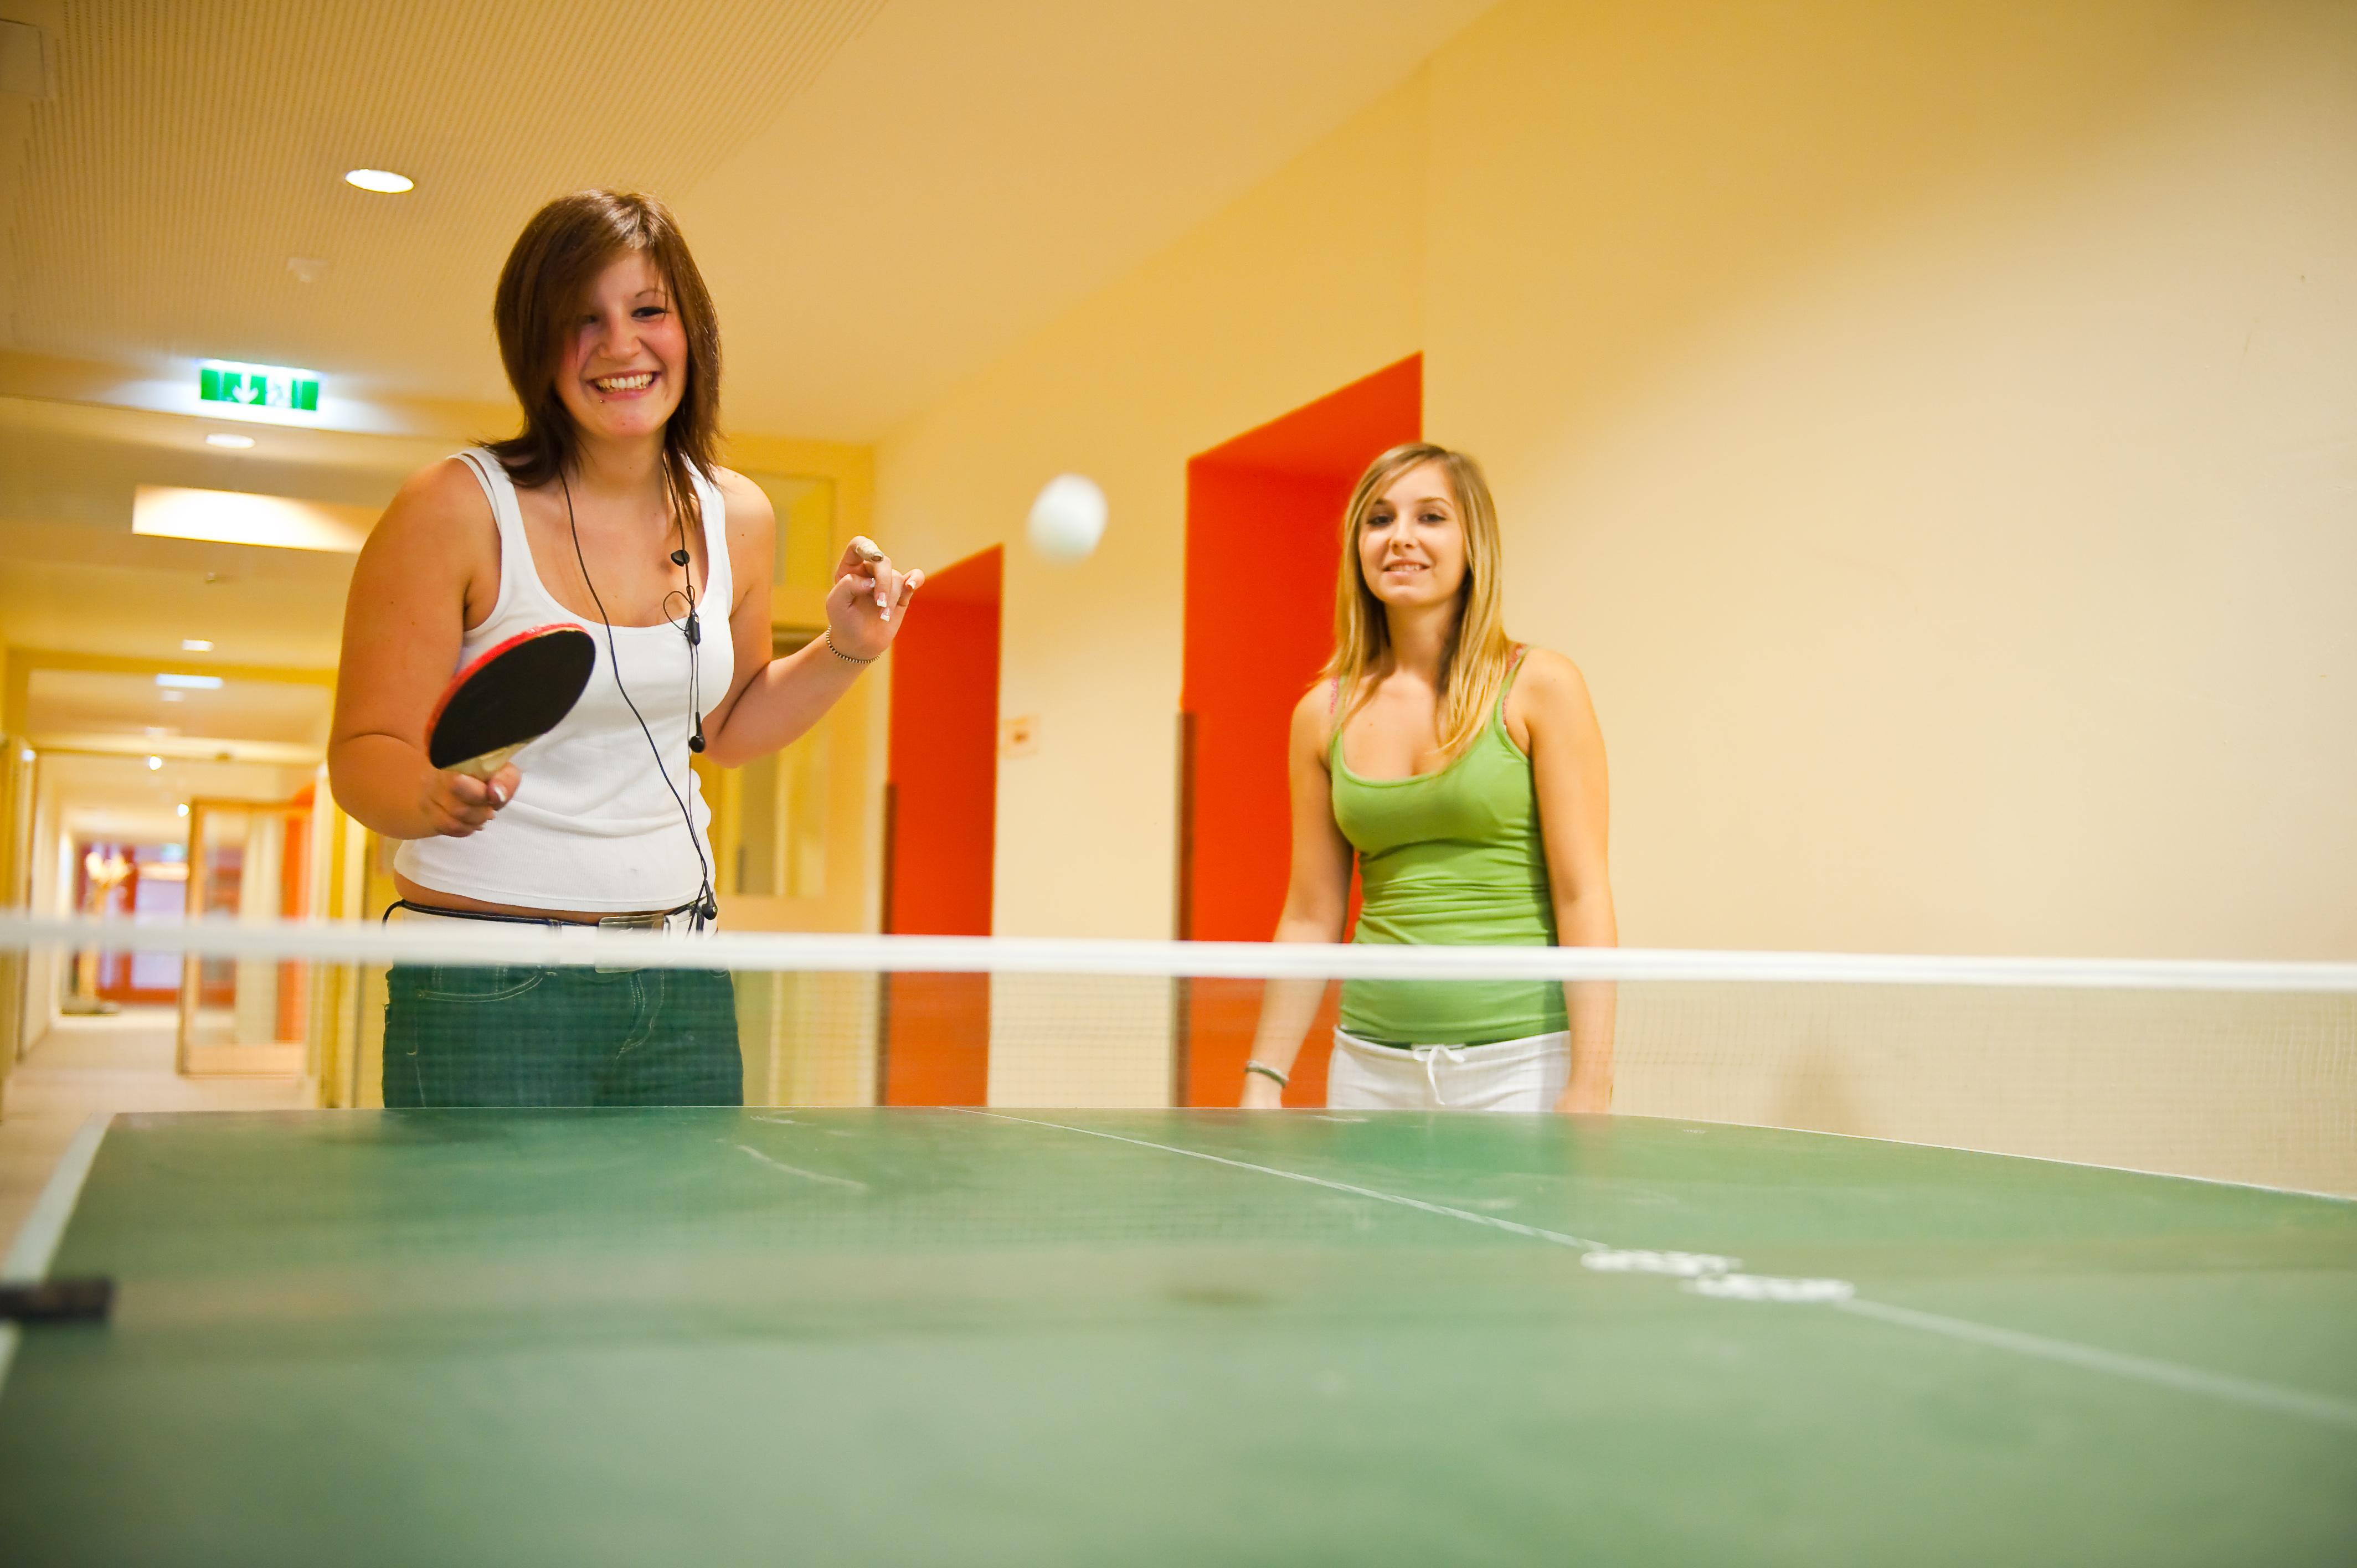 Sie sehen zwei Mädchen beim Tischtennis spielen und eine Tischtennisplatte. Der Ort für erholsamen Familienurlaub und einen unvergesslichen Winter- und Wanderurlaub.